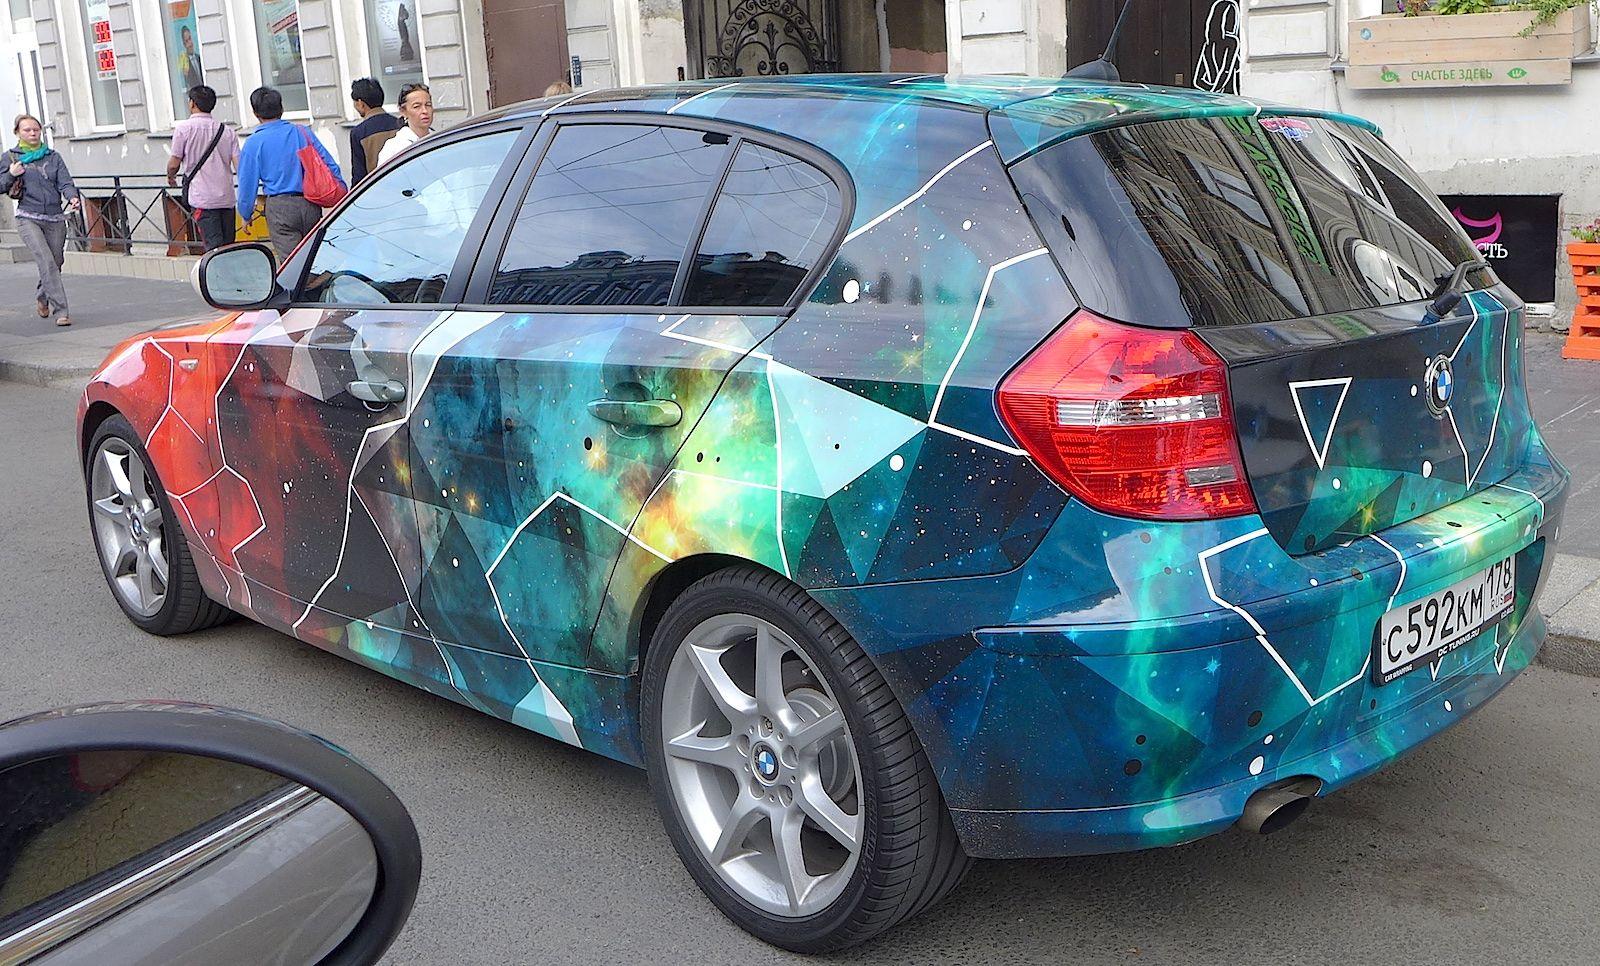 http://board.usedcars.ru/index.php?topic=12638.msg140.. BMW 116 АВТОВИНИЛ: футуристически-космические темы. Снято на Владимирском #авто #город